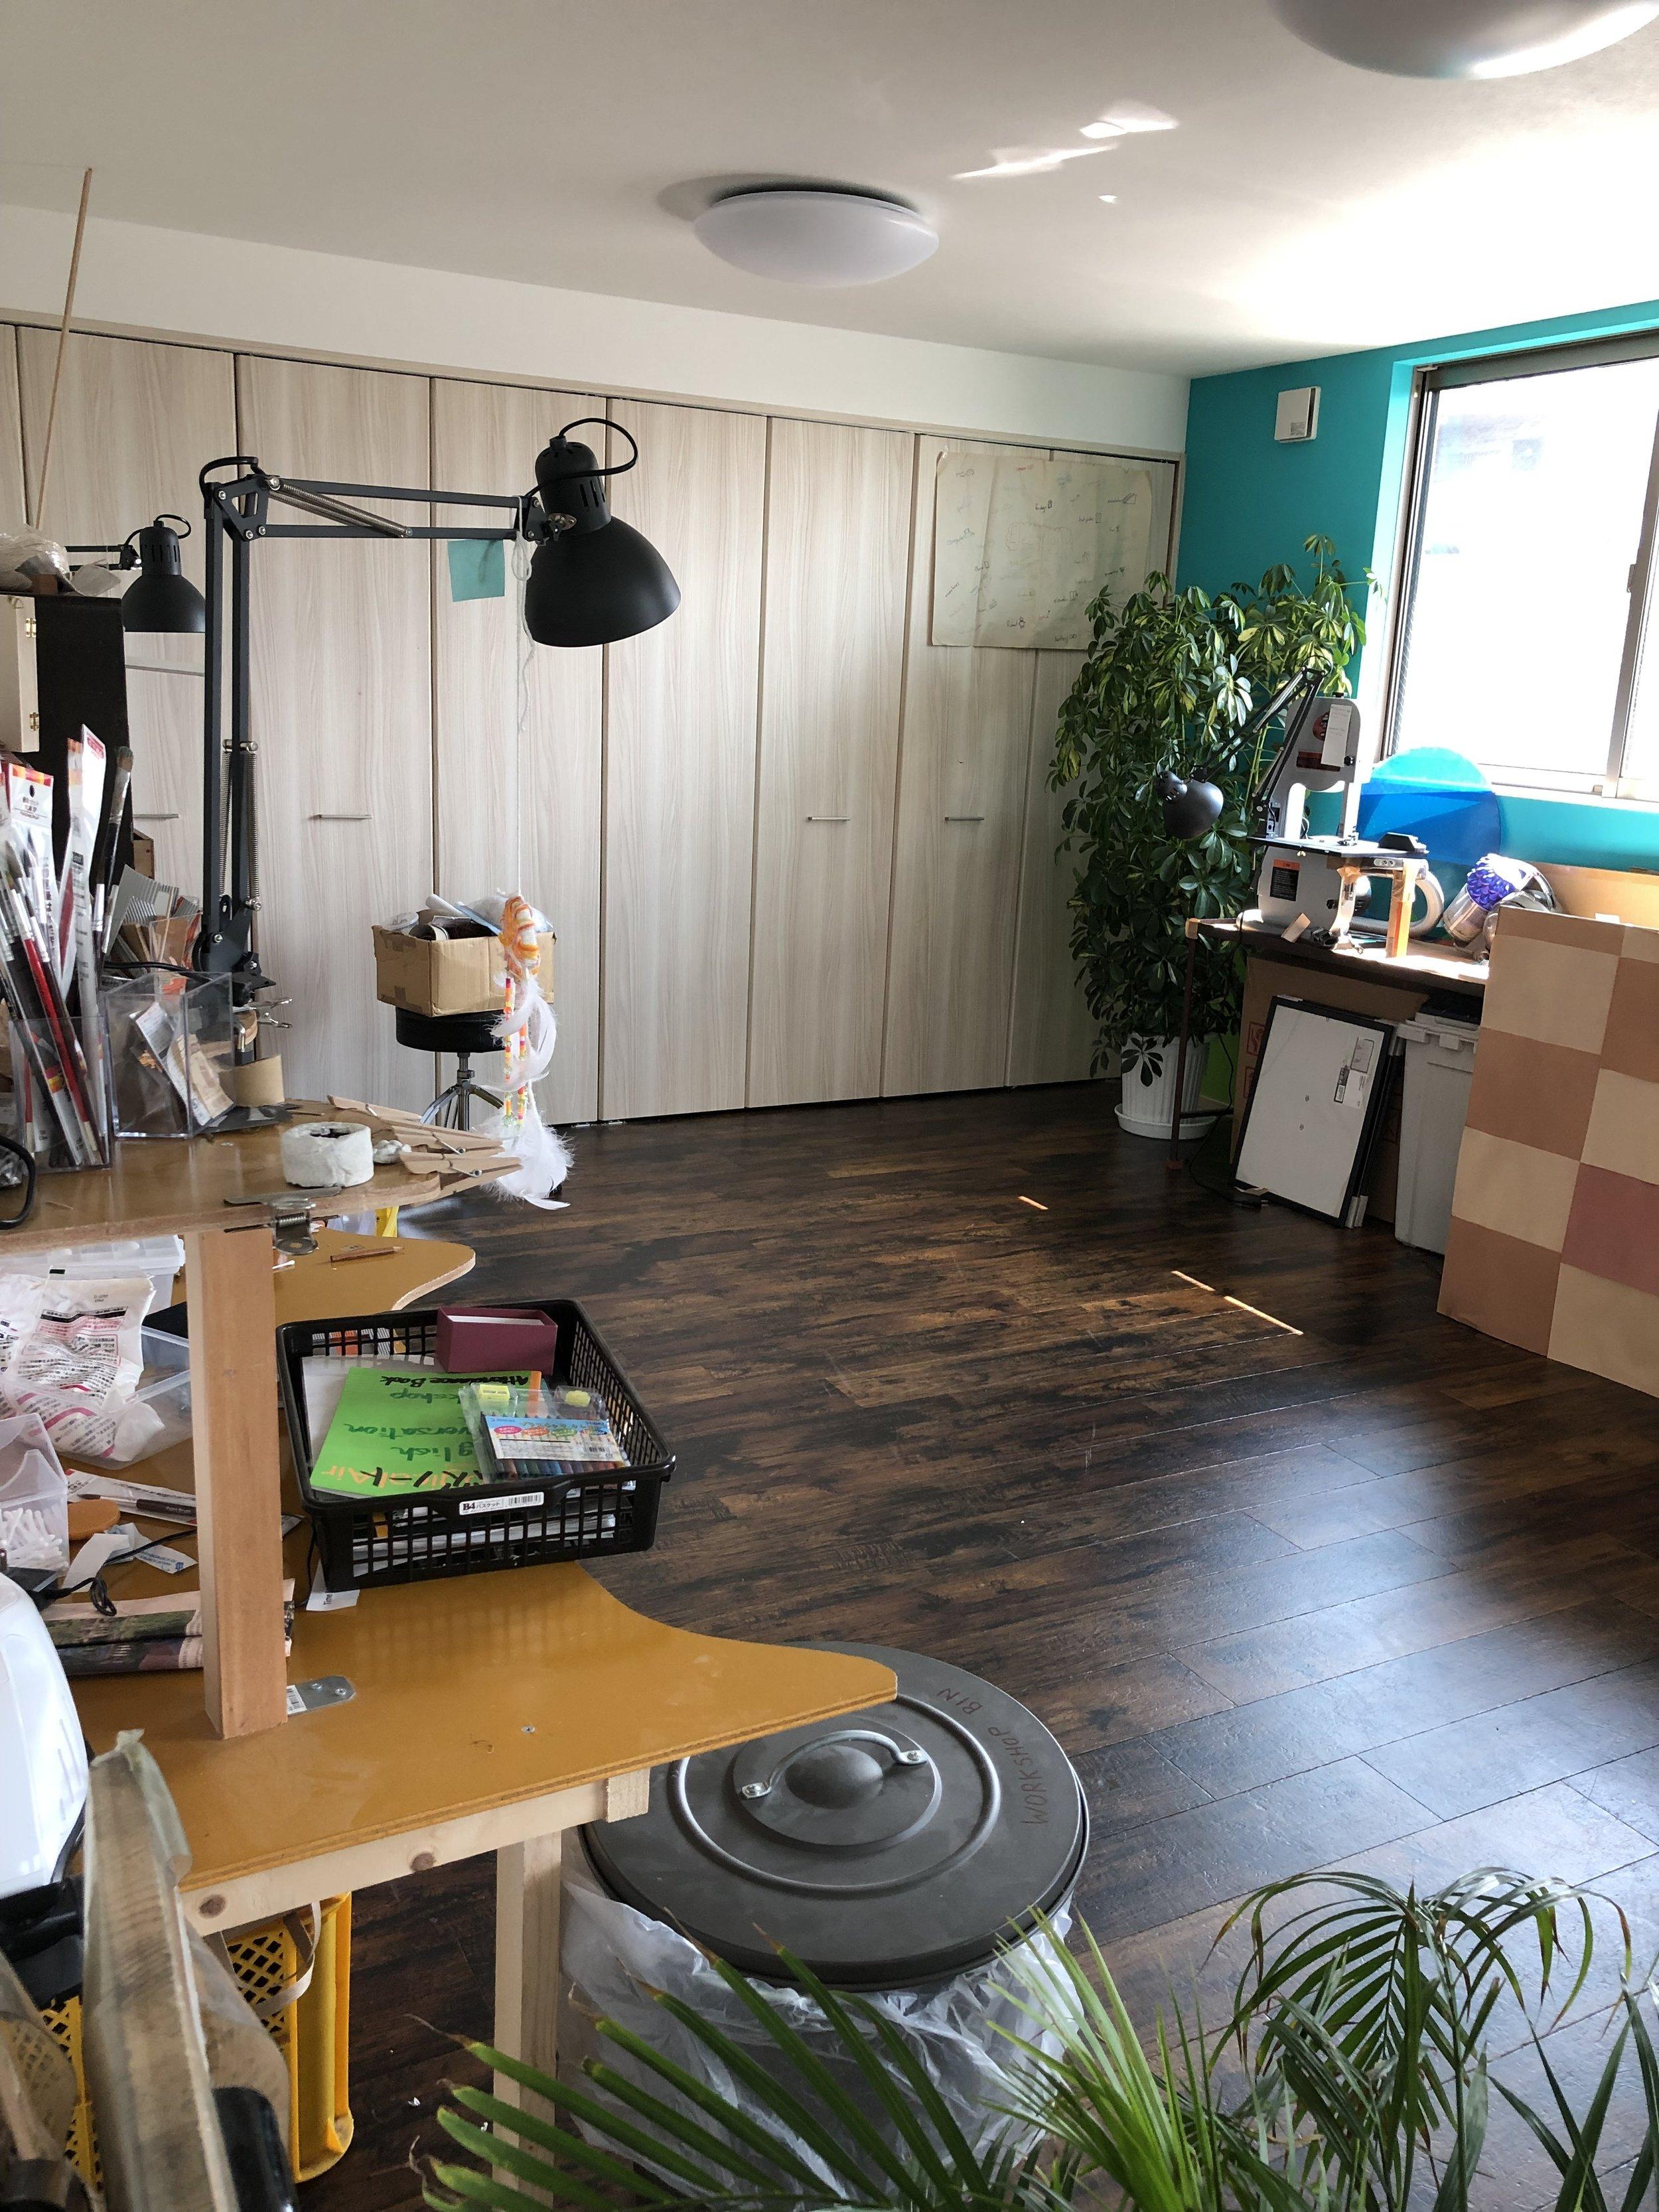 BKI-Preschool/workshop-craft-space-window.png